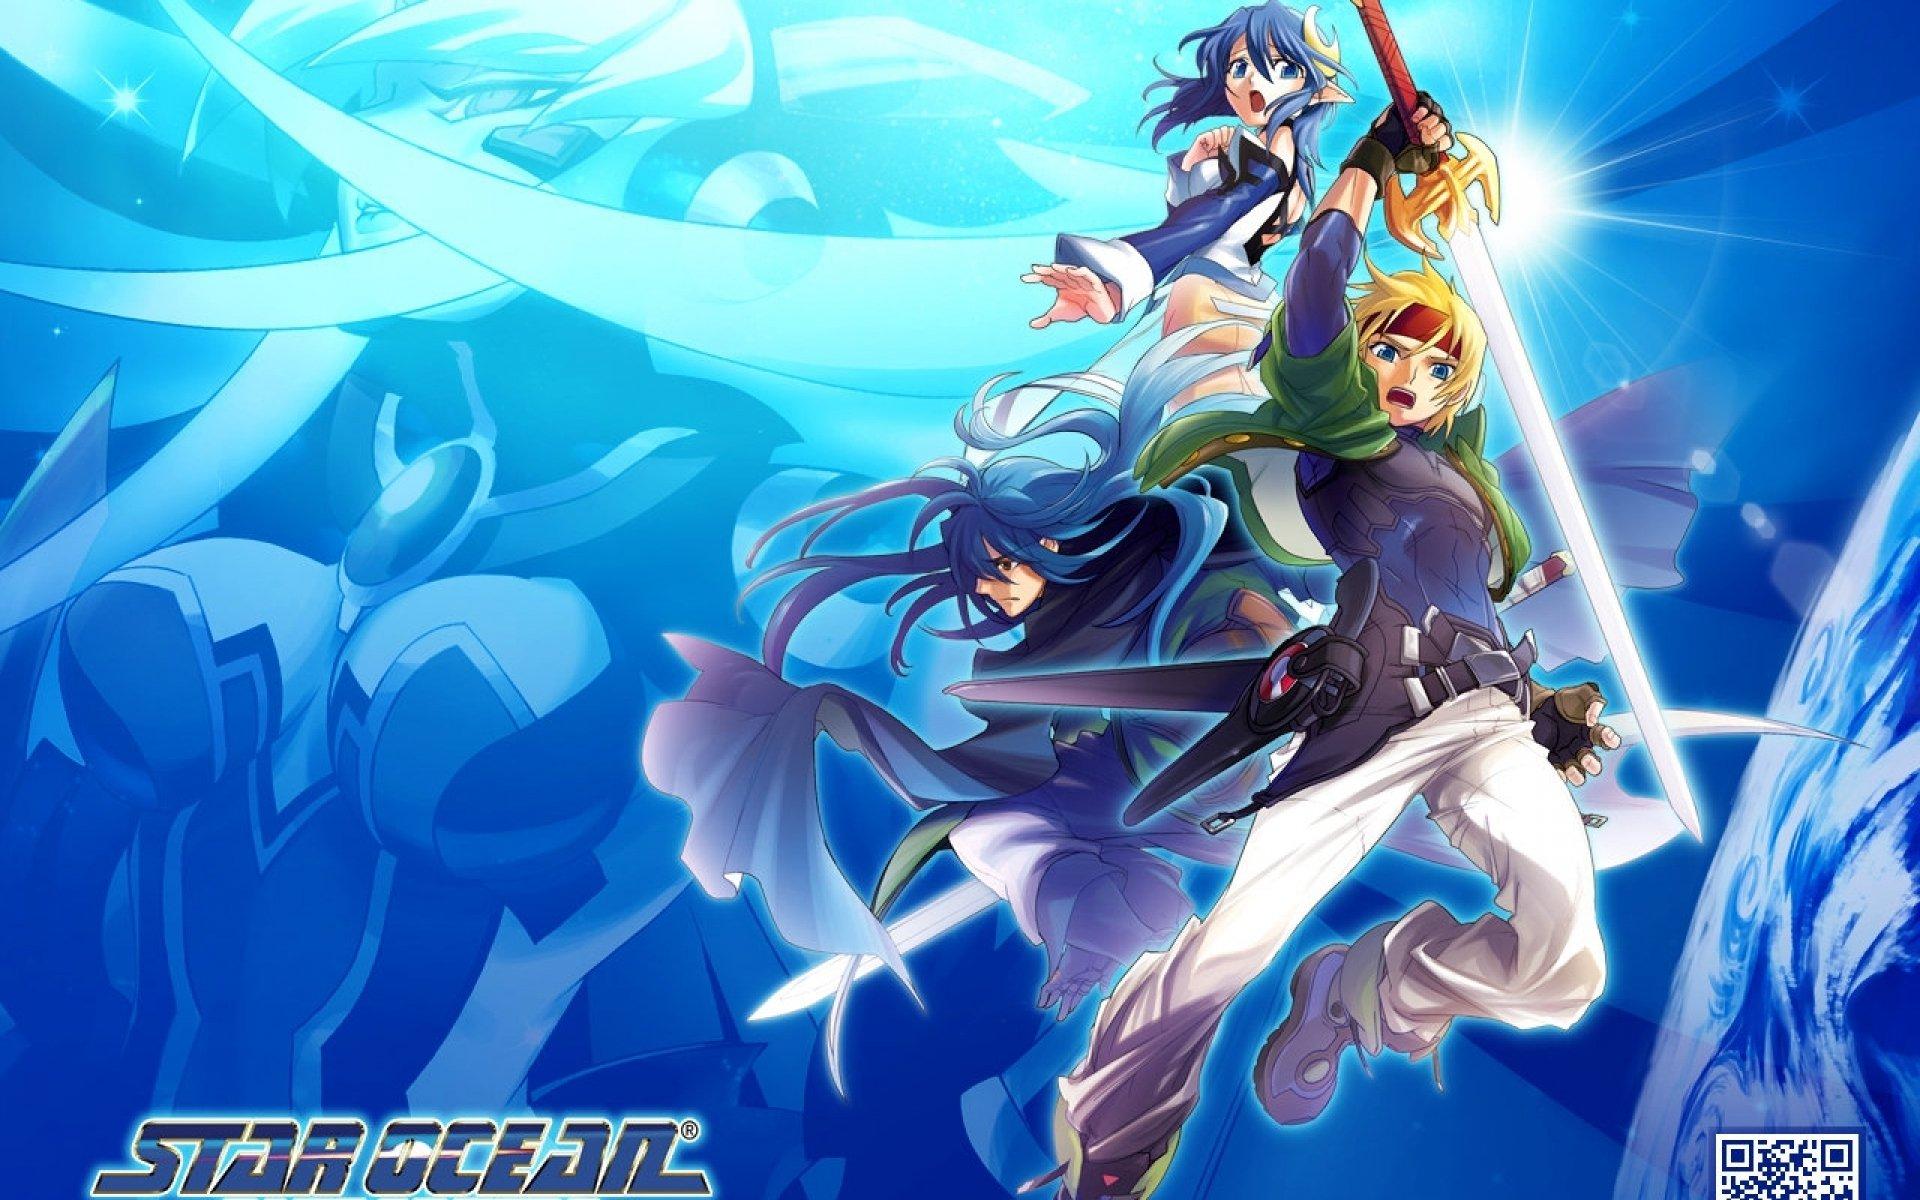 Laranganmodifikasi Anime Action Images